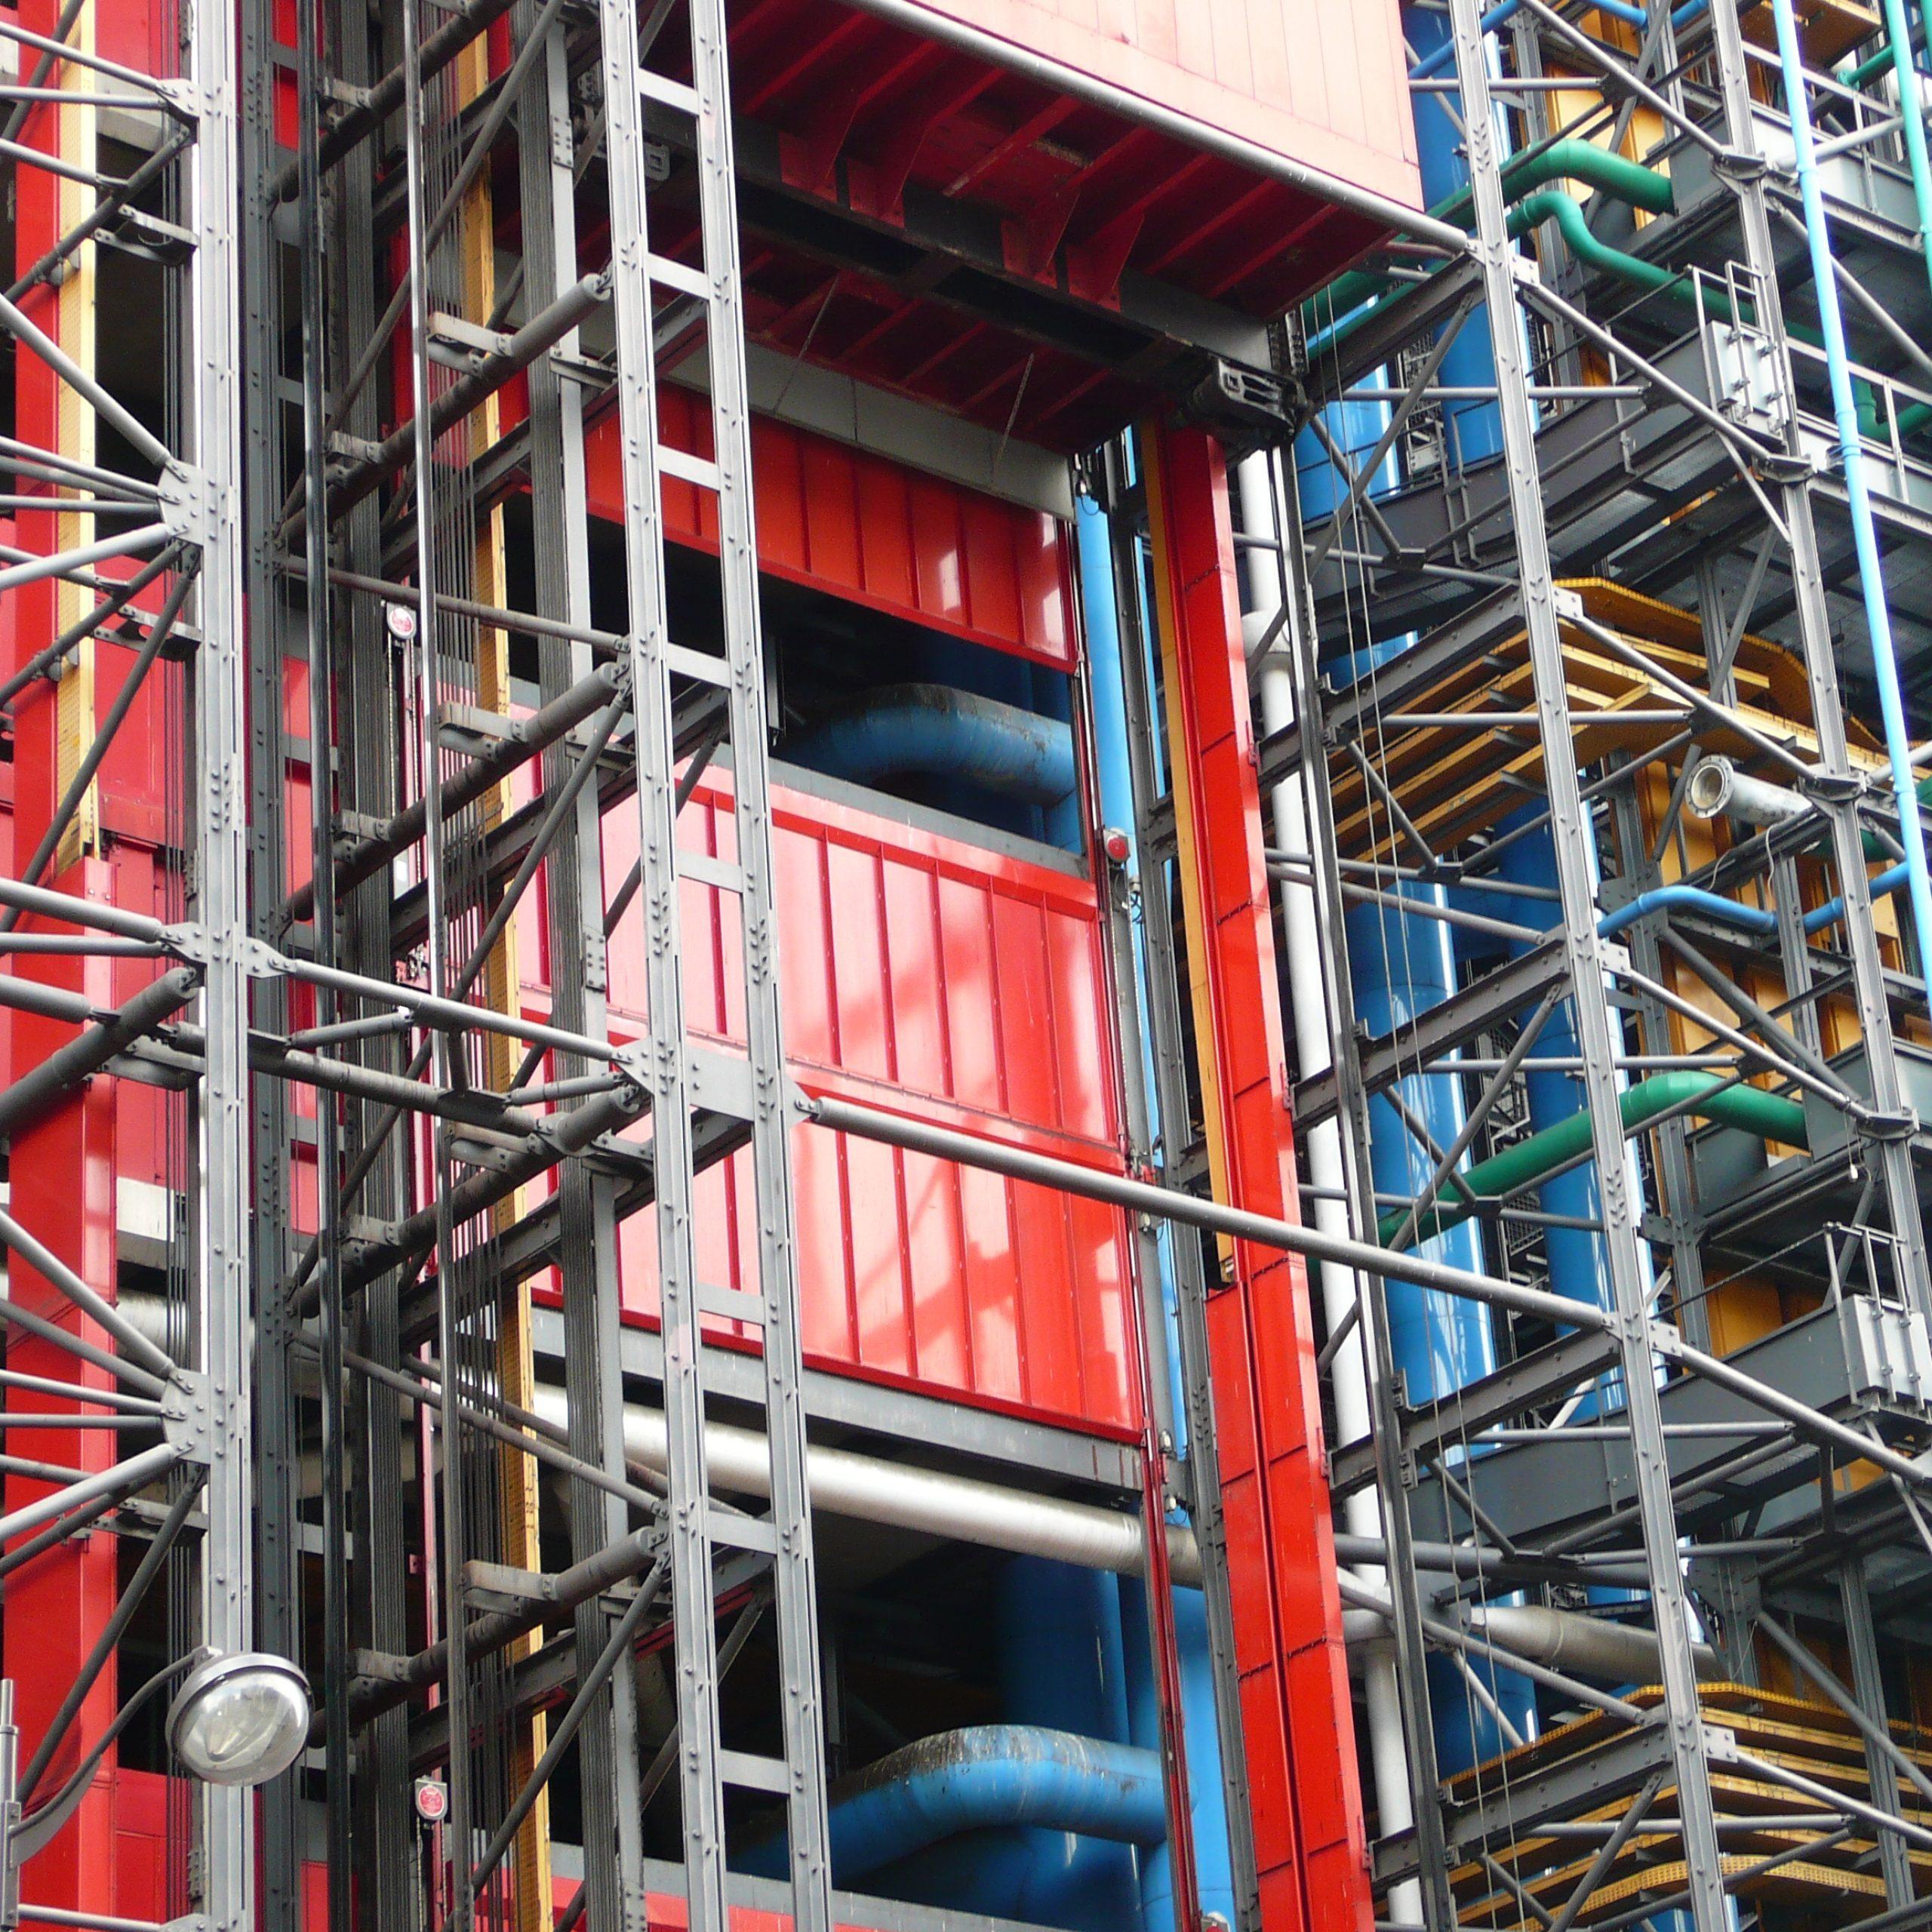 Fachada del centro George Pompidou, ubicado en París. Ejemplo de arquitectura High Tech.